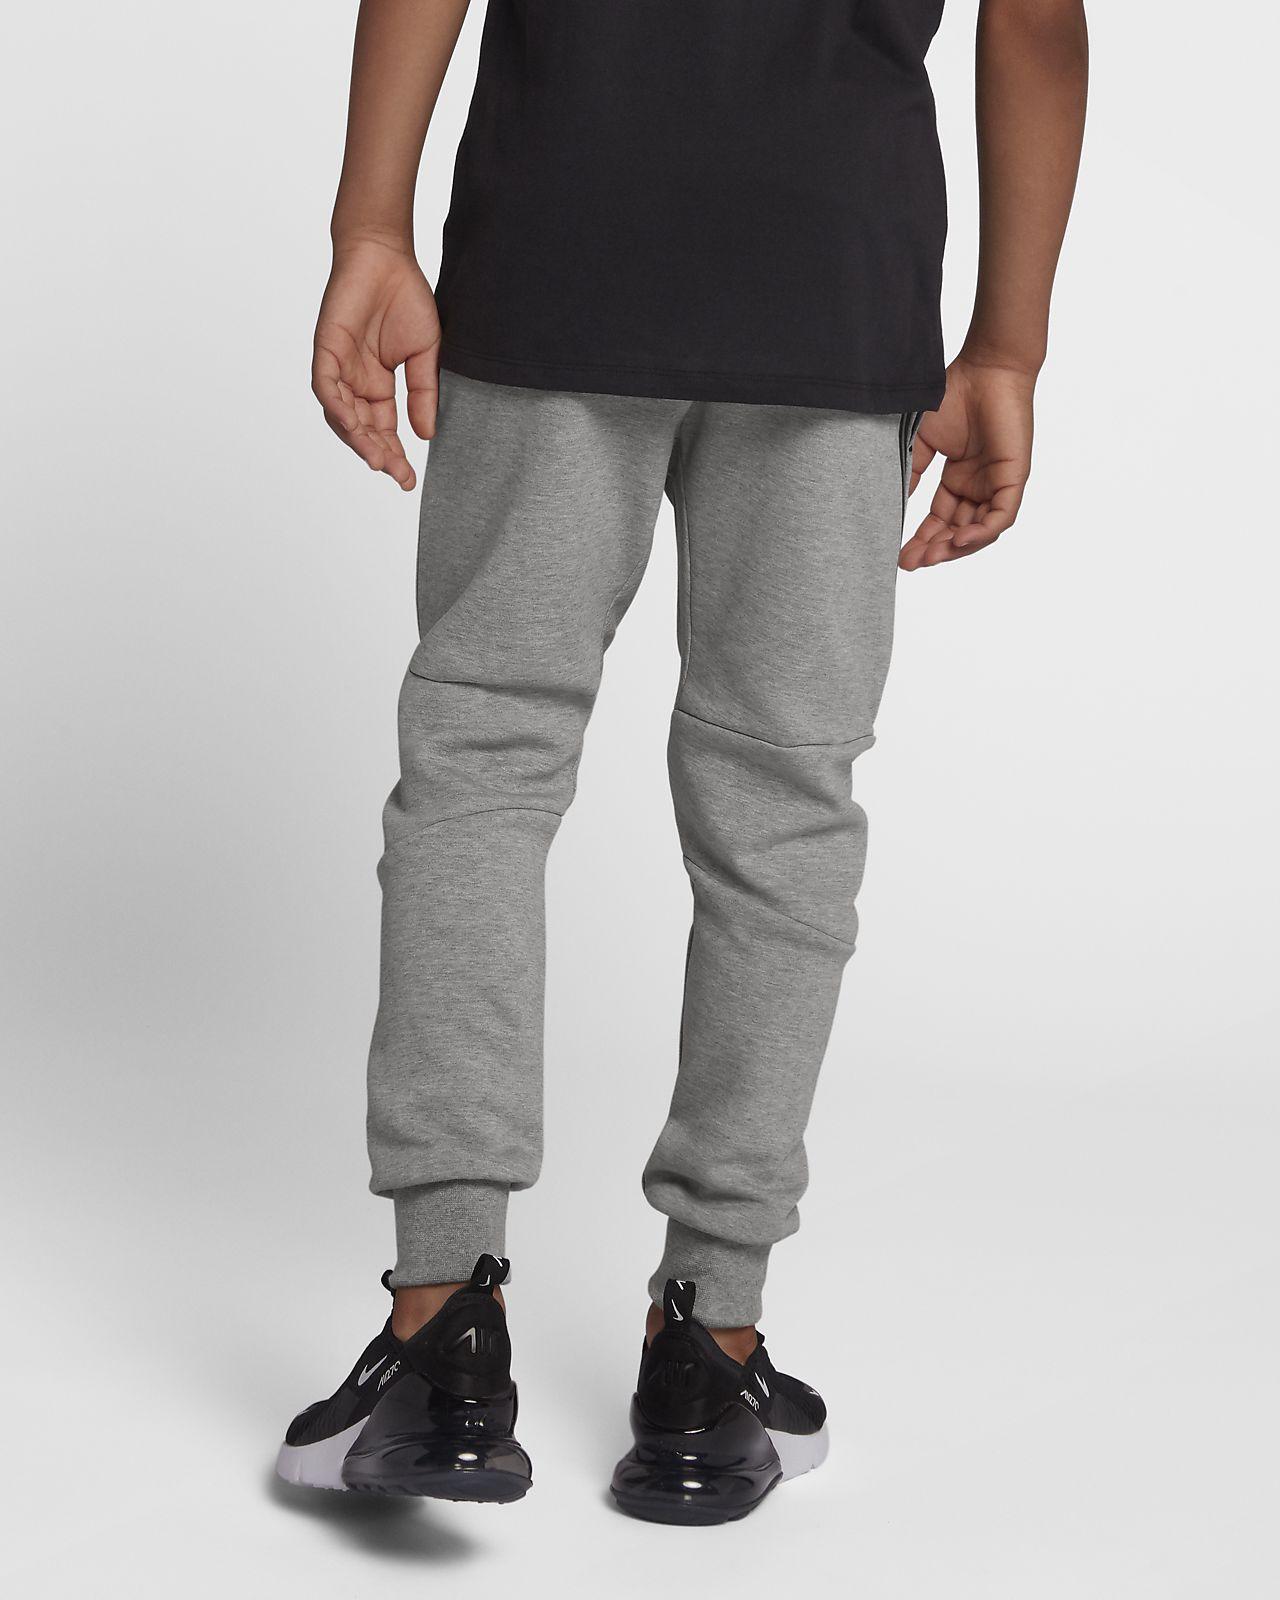 76579953ec7be6 Nike Sportswear Older Kids  Tech Fleece Trousers. Nike.com LU